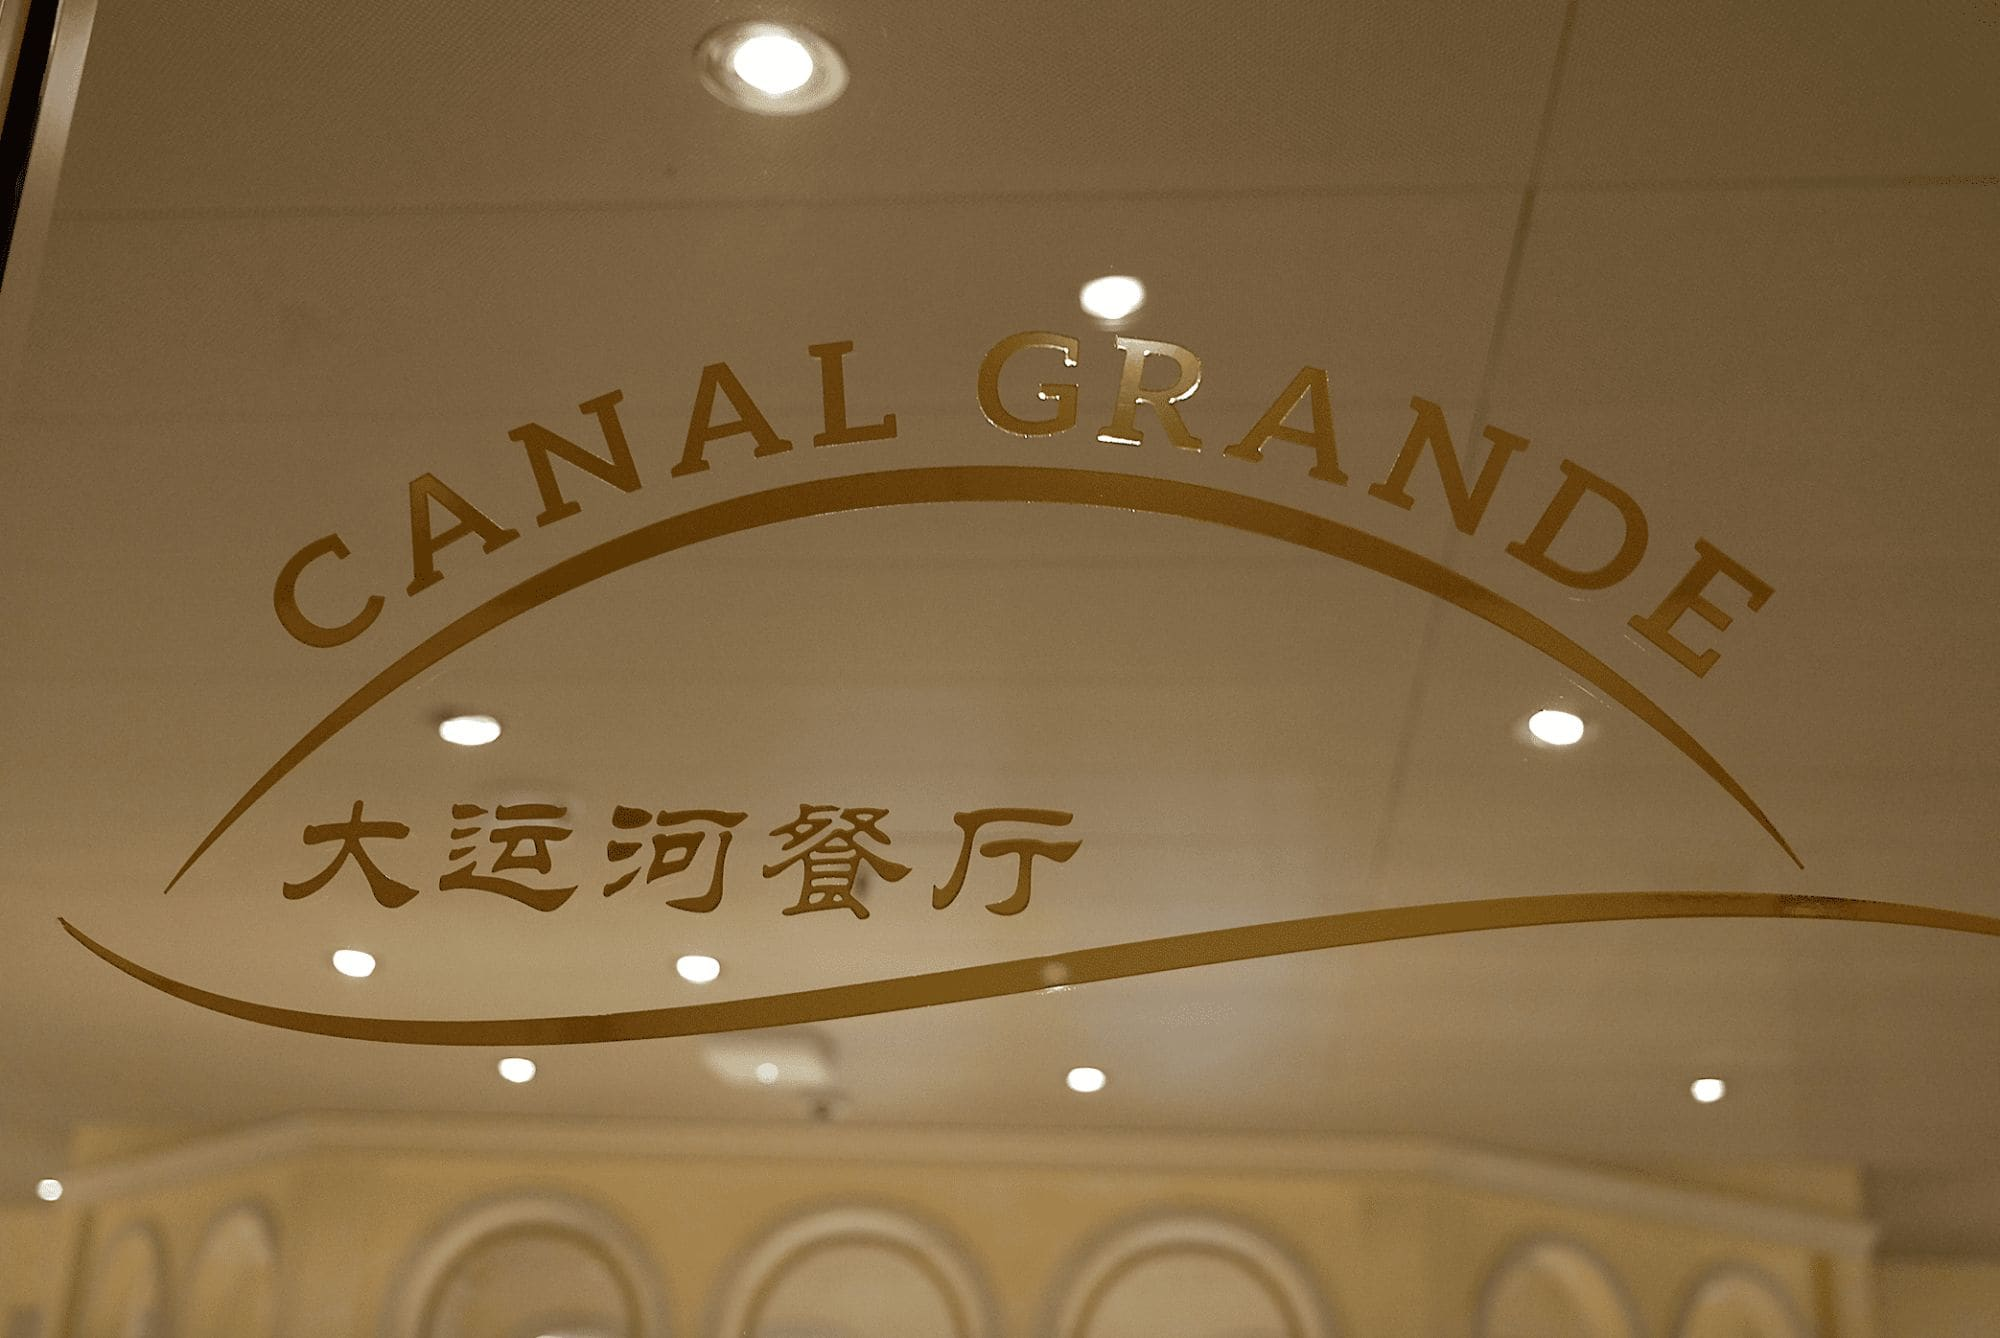 カナル・グランデ・レストランのサイン